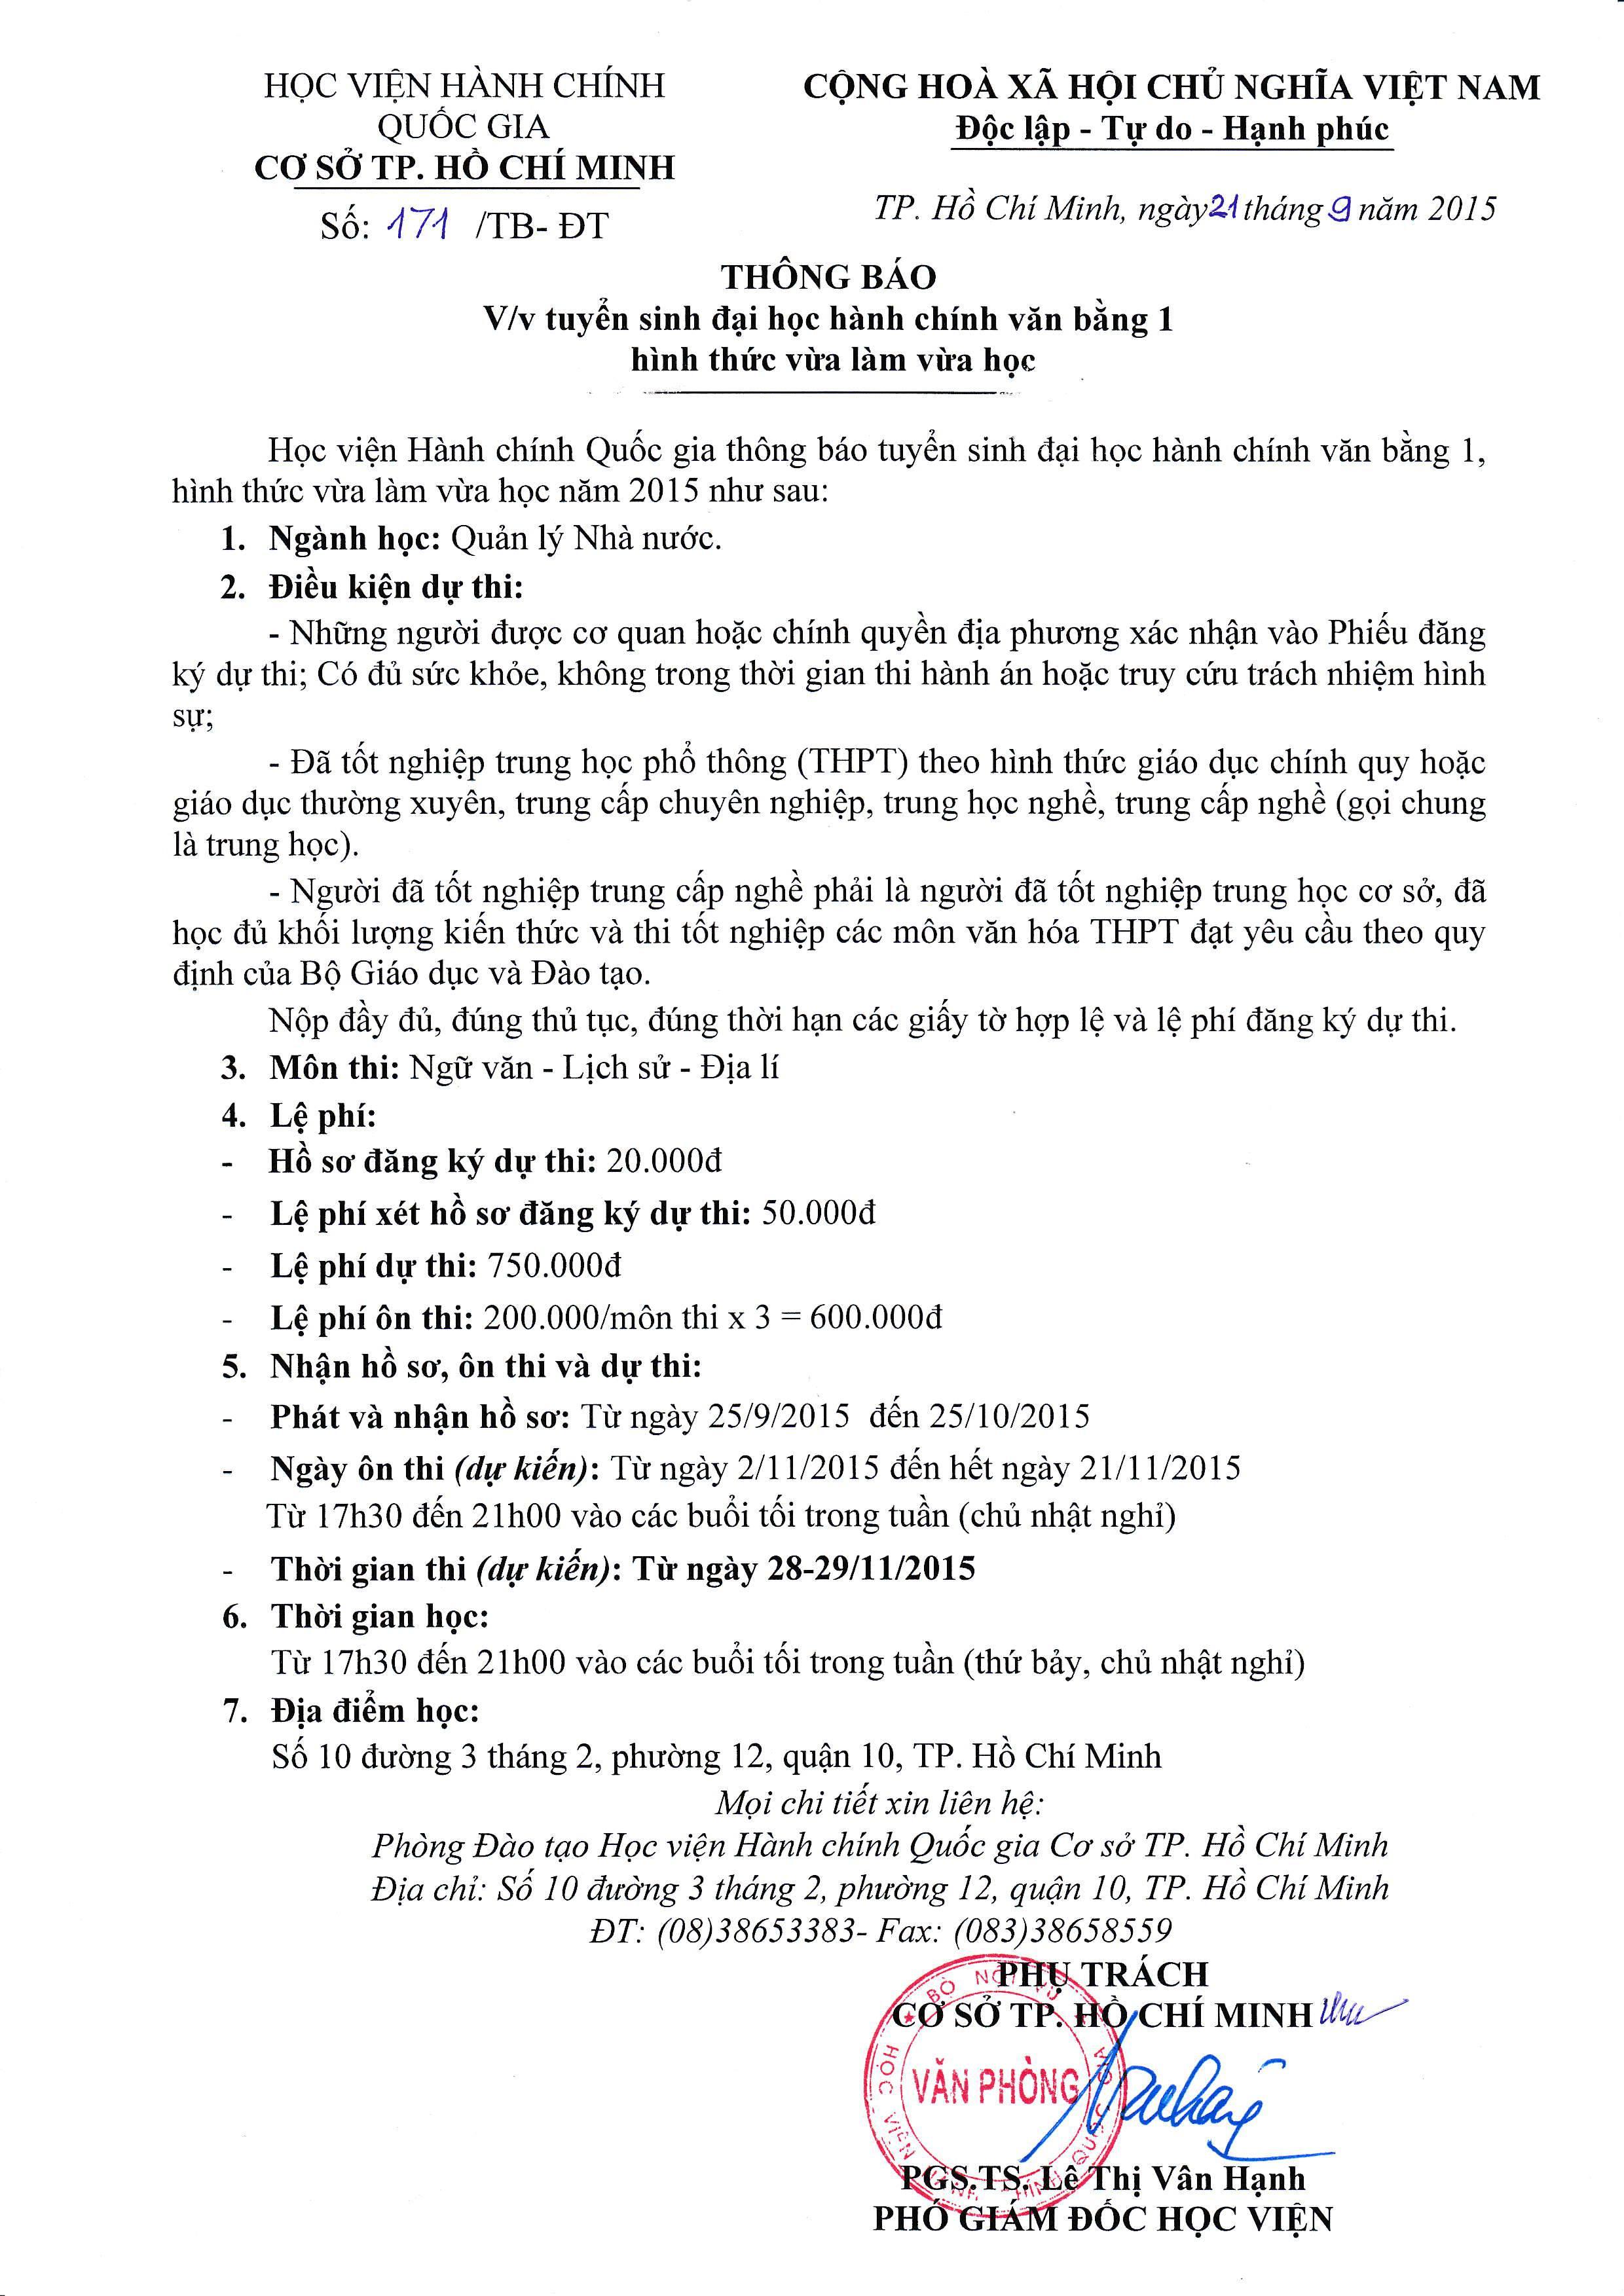 THONG BAO TUYEN SINH VLVH 2015_1